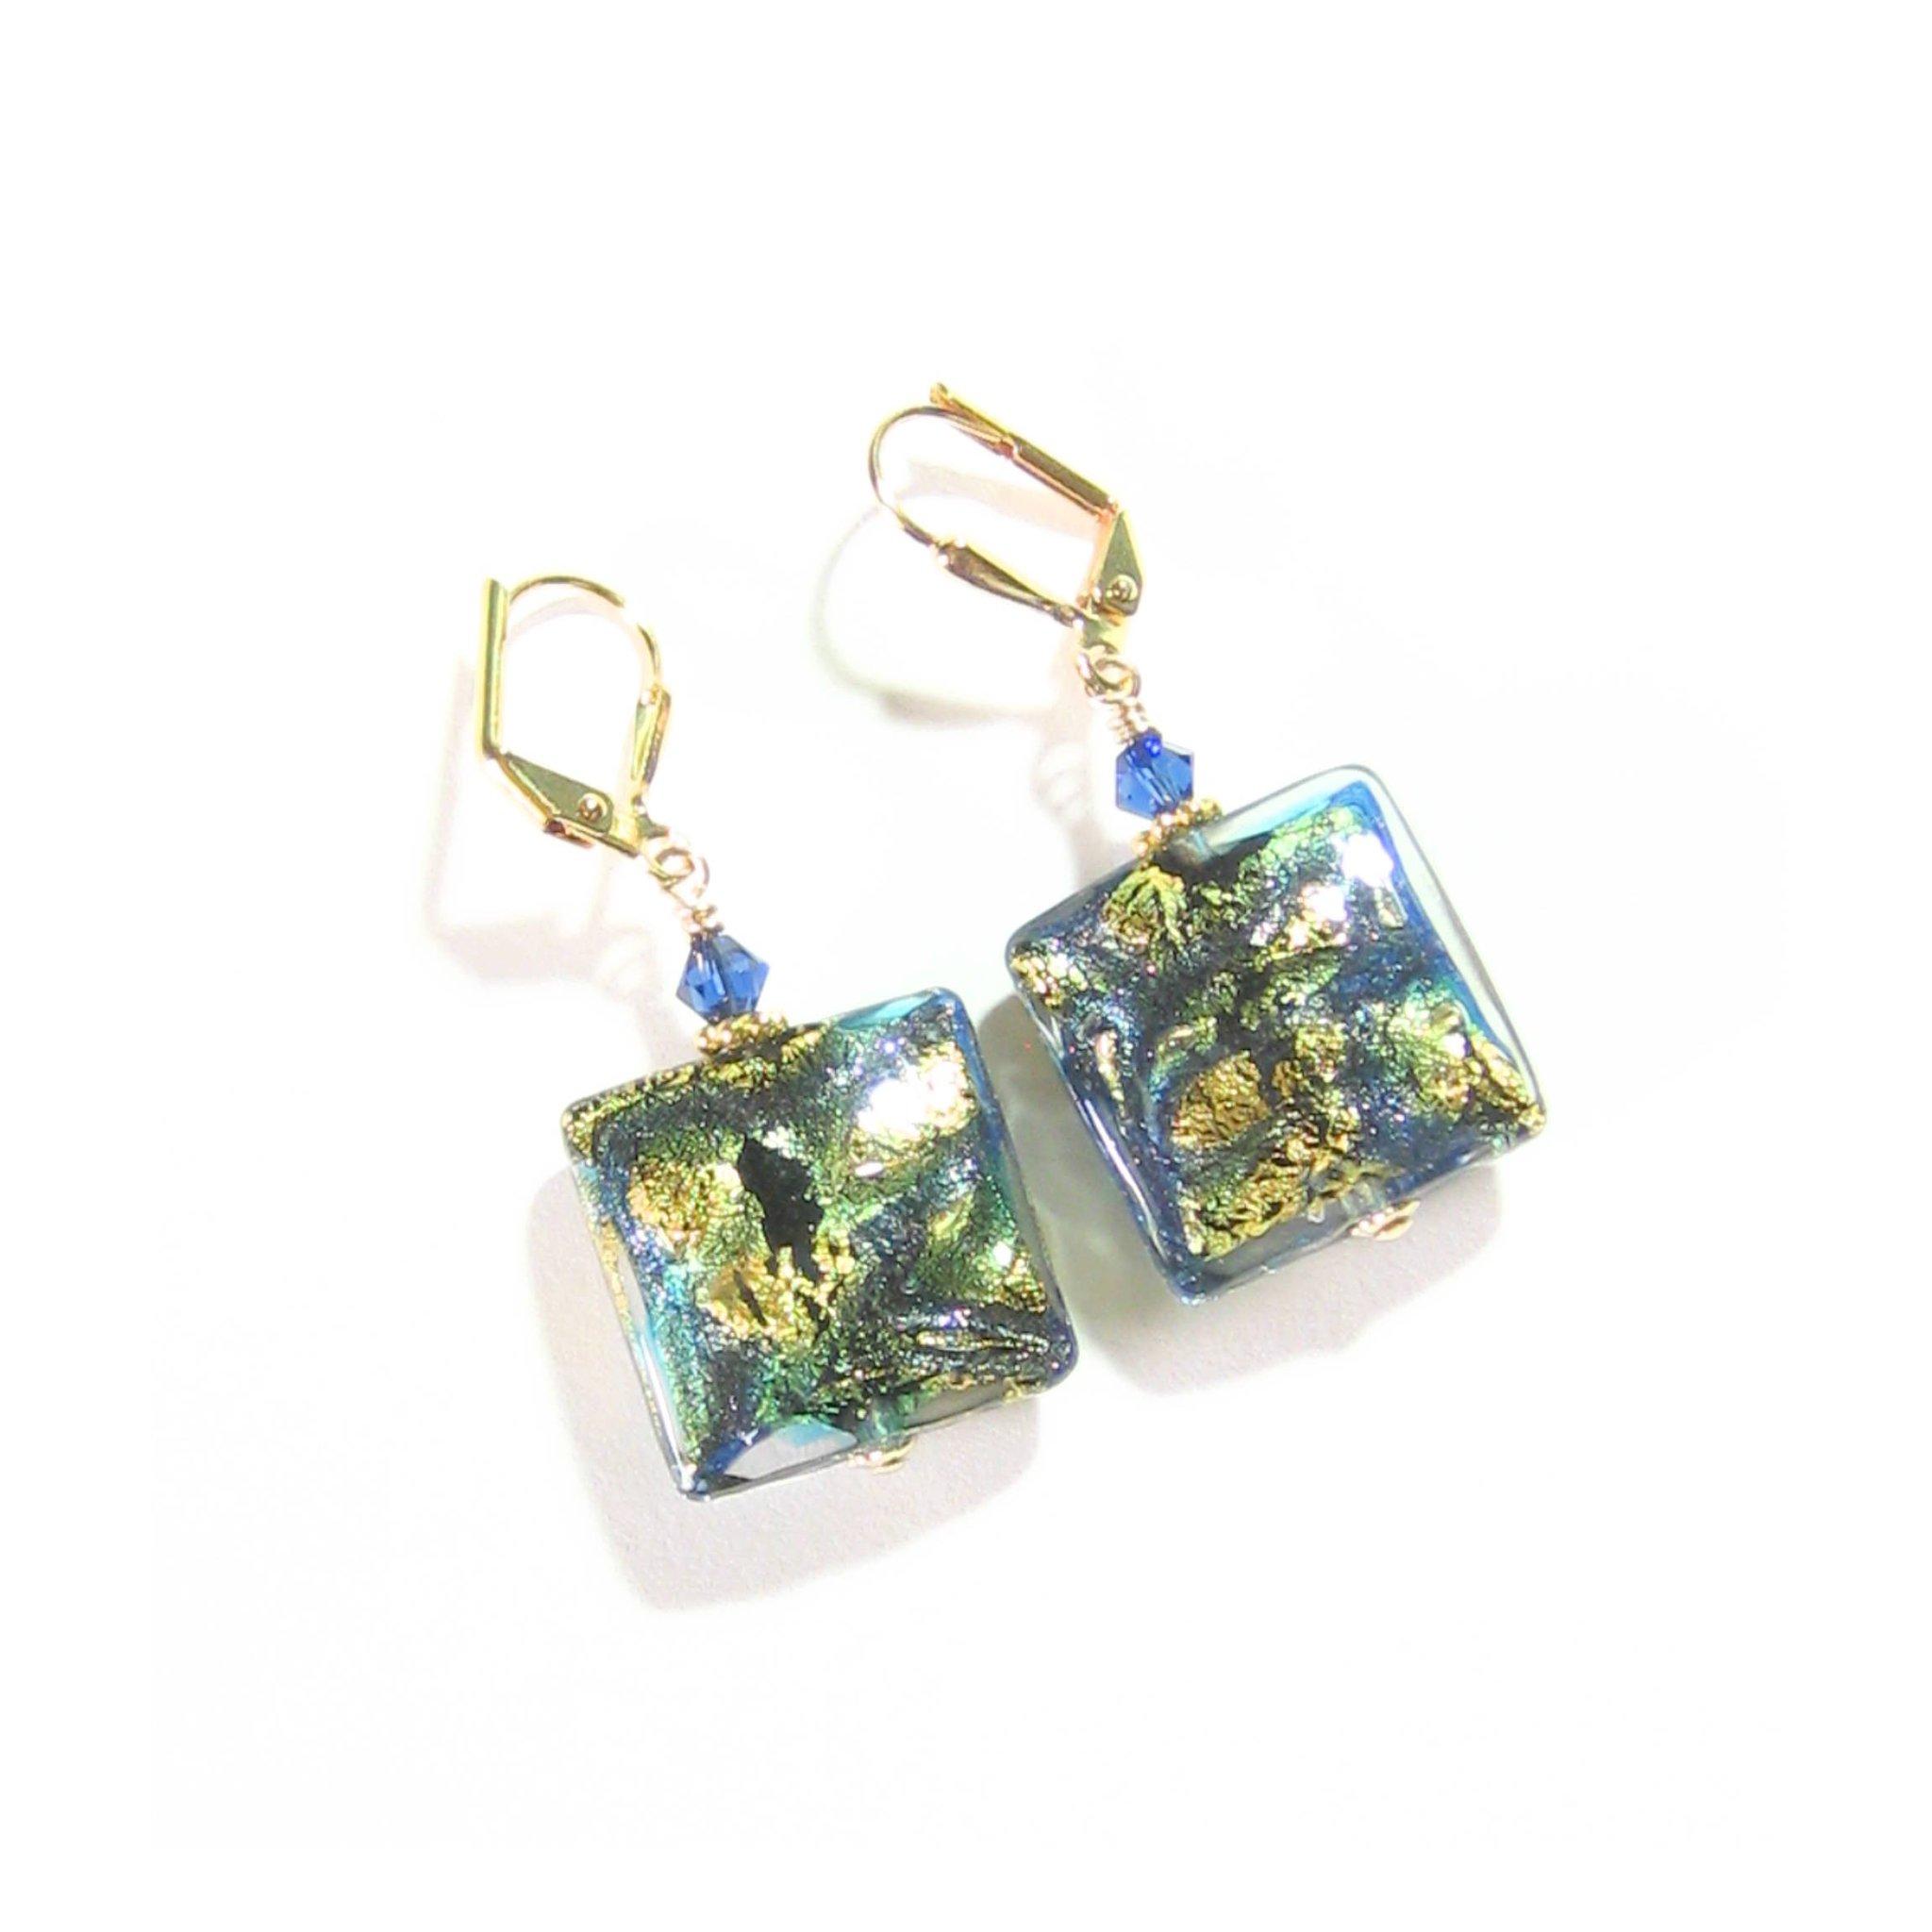 Murano Glass Cobalt Blue Green Chunky Square Gold Earrings, Artisan G… https://t.co/j3fQToSoNn #Etsymntt #epiconetsy https://t.co/zOaNR2IWfS